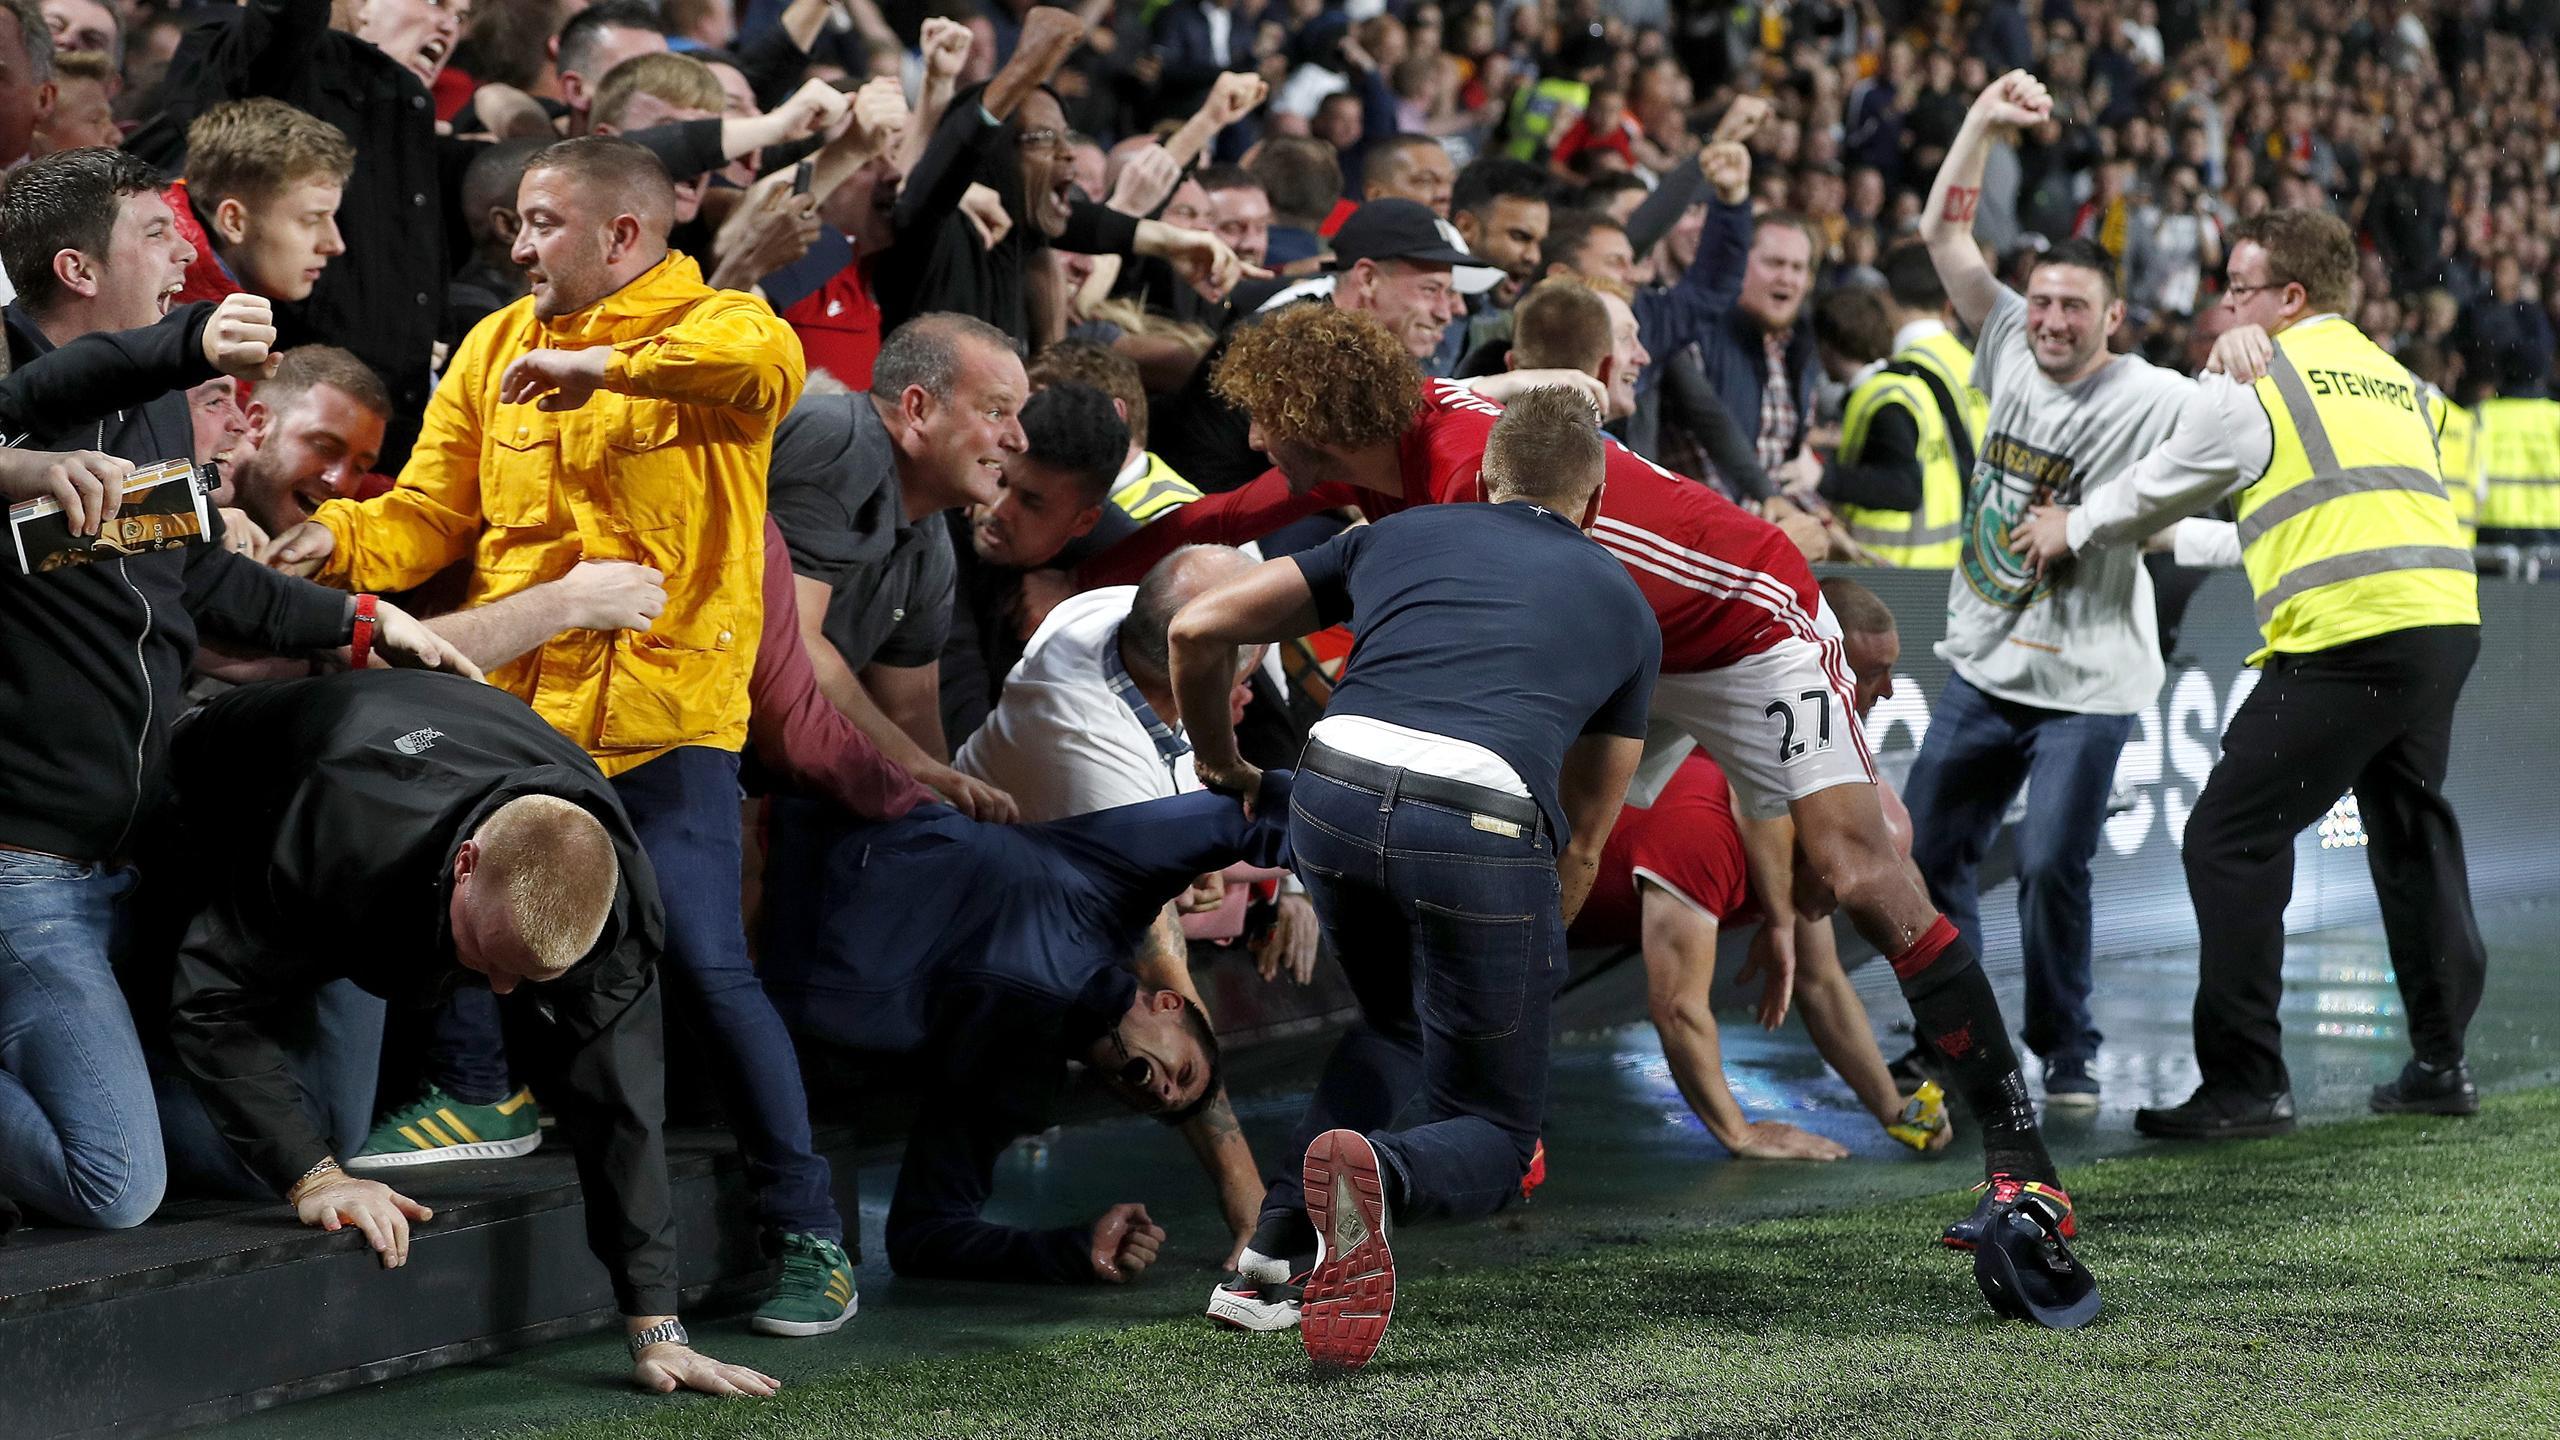 Marouane Fellaini rescues a fan